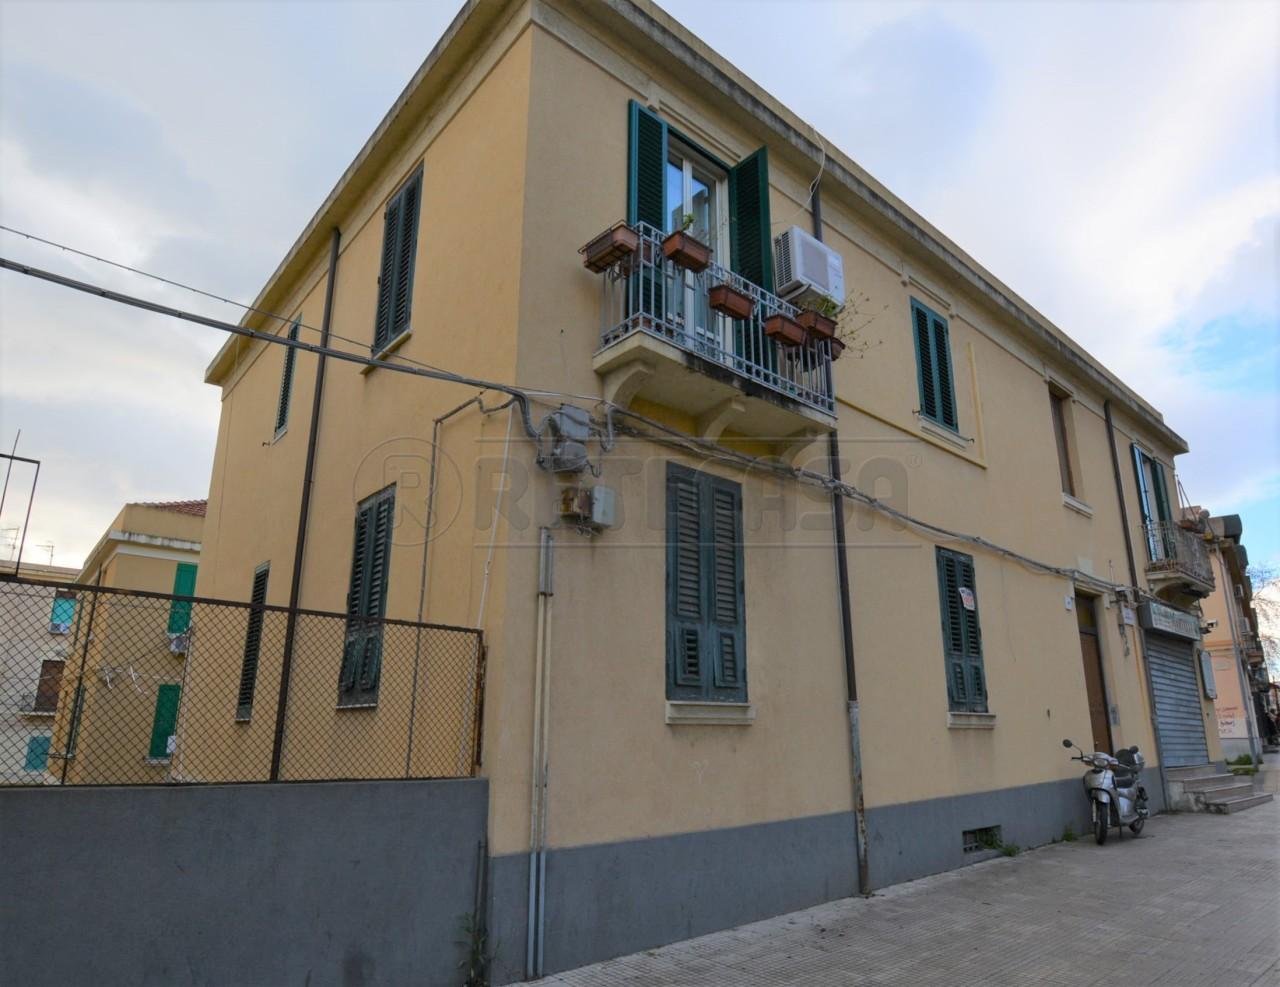 Negozio / Locale in vendita a Messina, 7 locali, prezzo € 315.000 | Cambio Casa.it